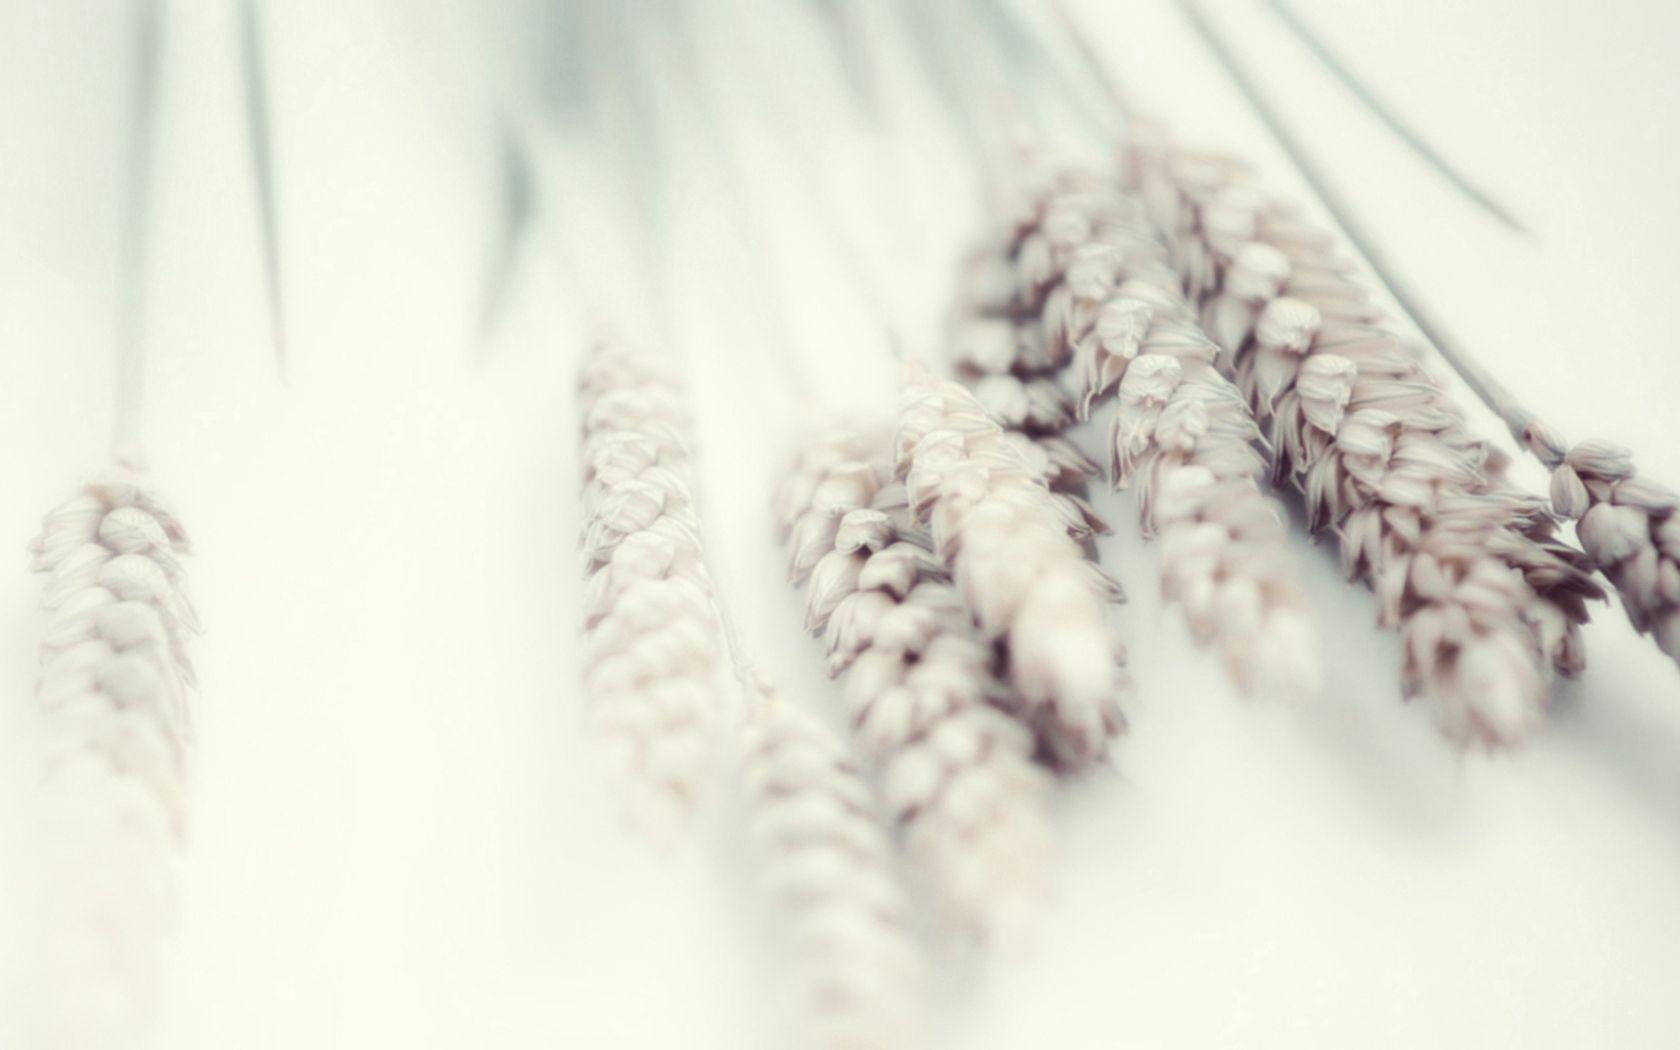 98451 скачать обои Макро, Белый, Нежность, Растение, Пшеница - заставки и картинки бесплатно